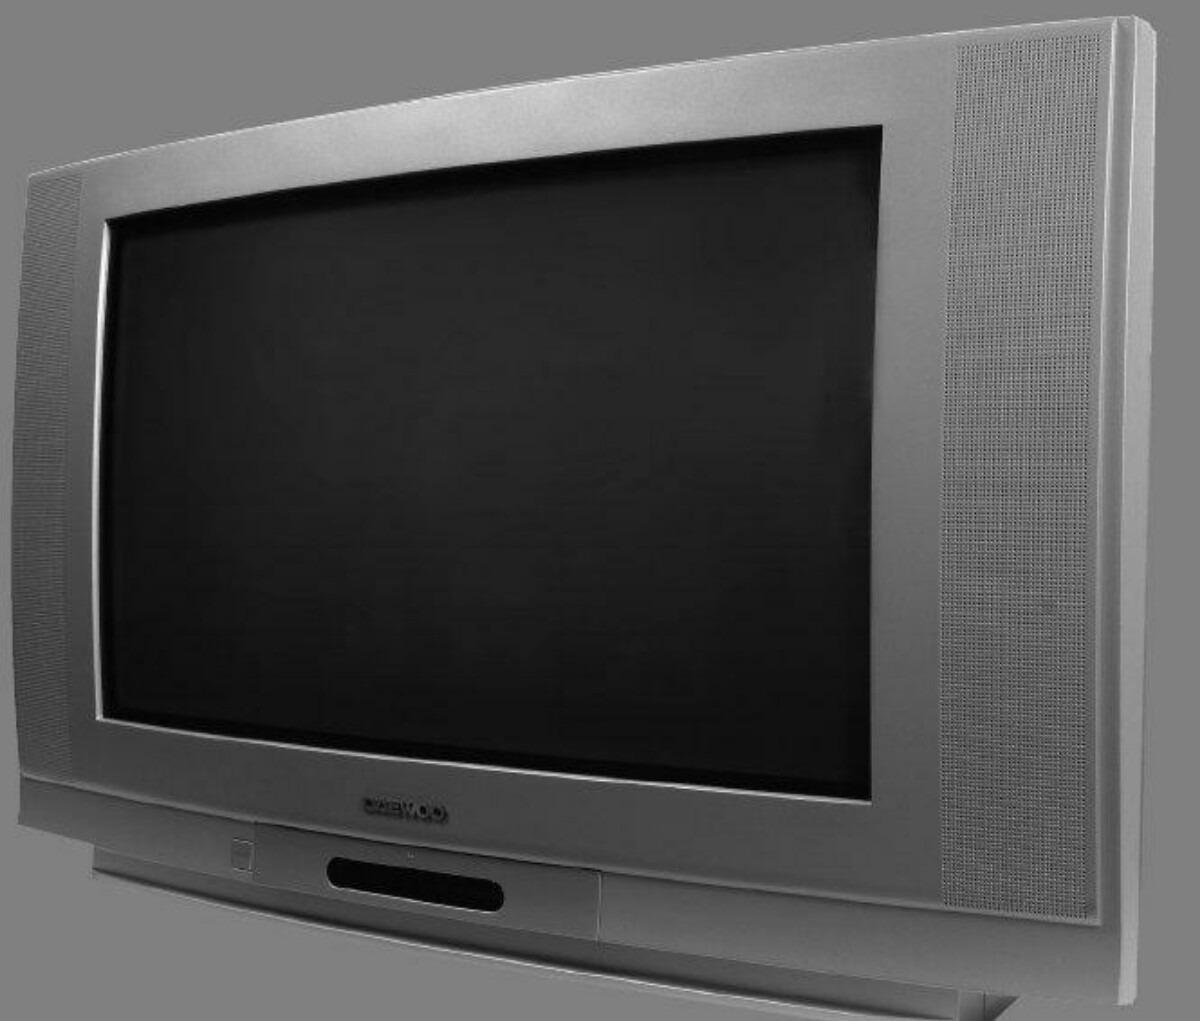 Tv Daewoo 29 - Bs. 69.500,00 en Mercado Libre